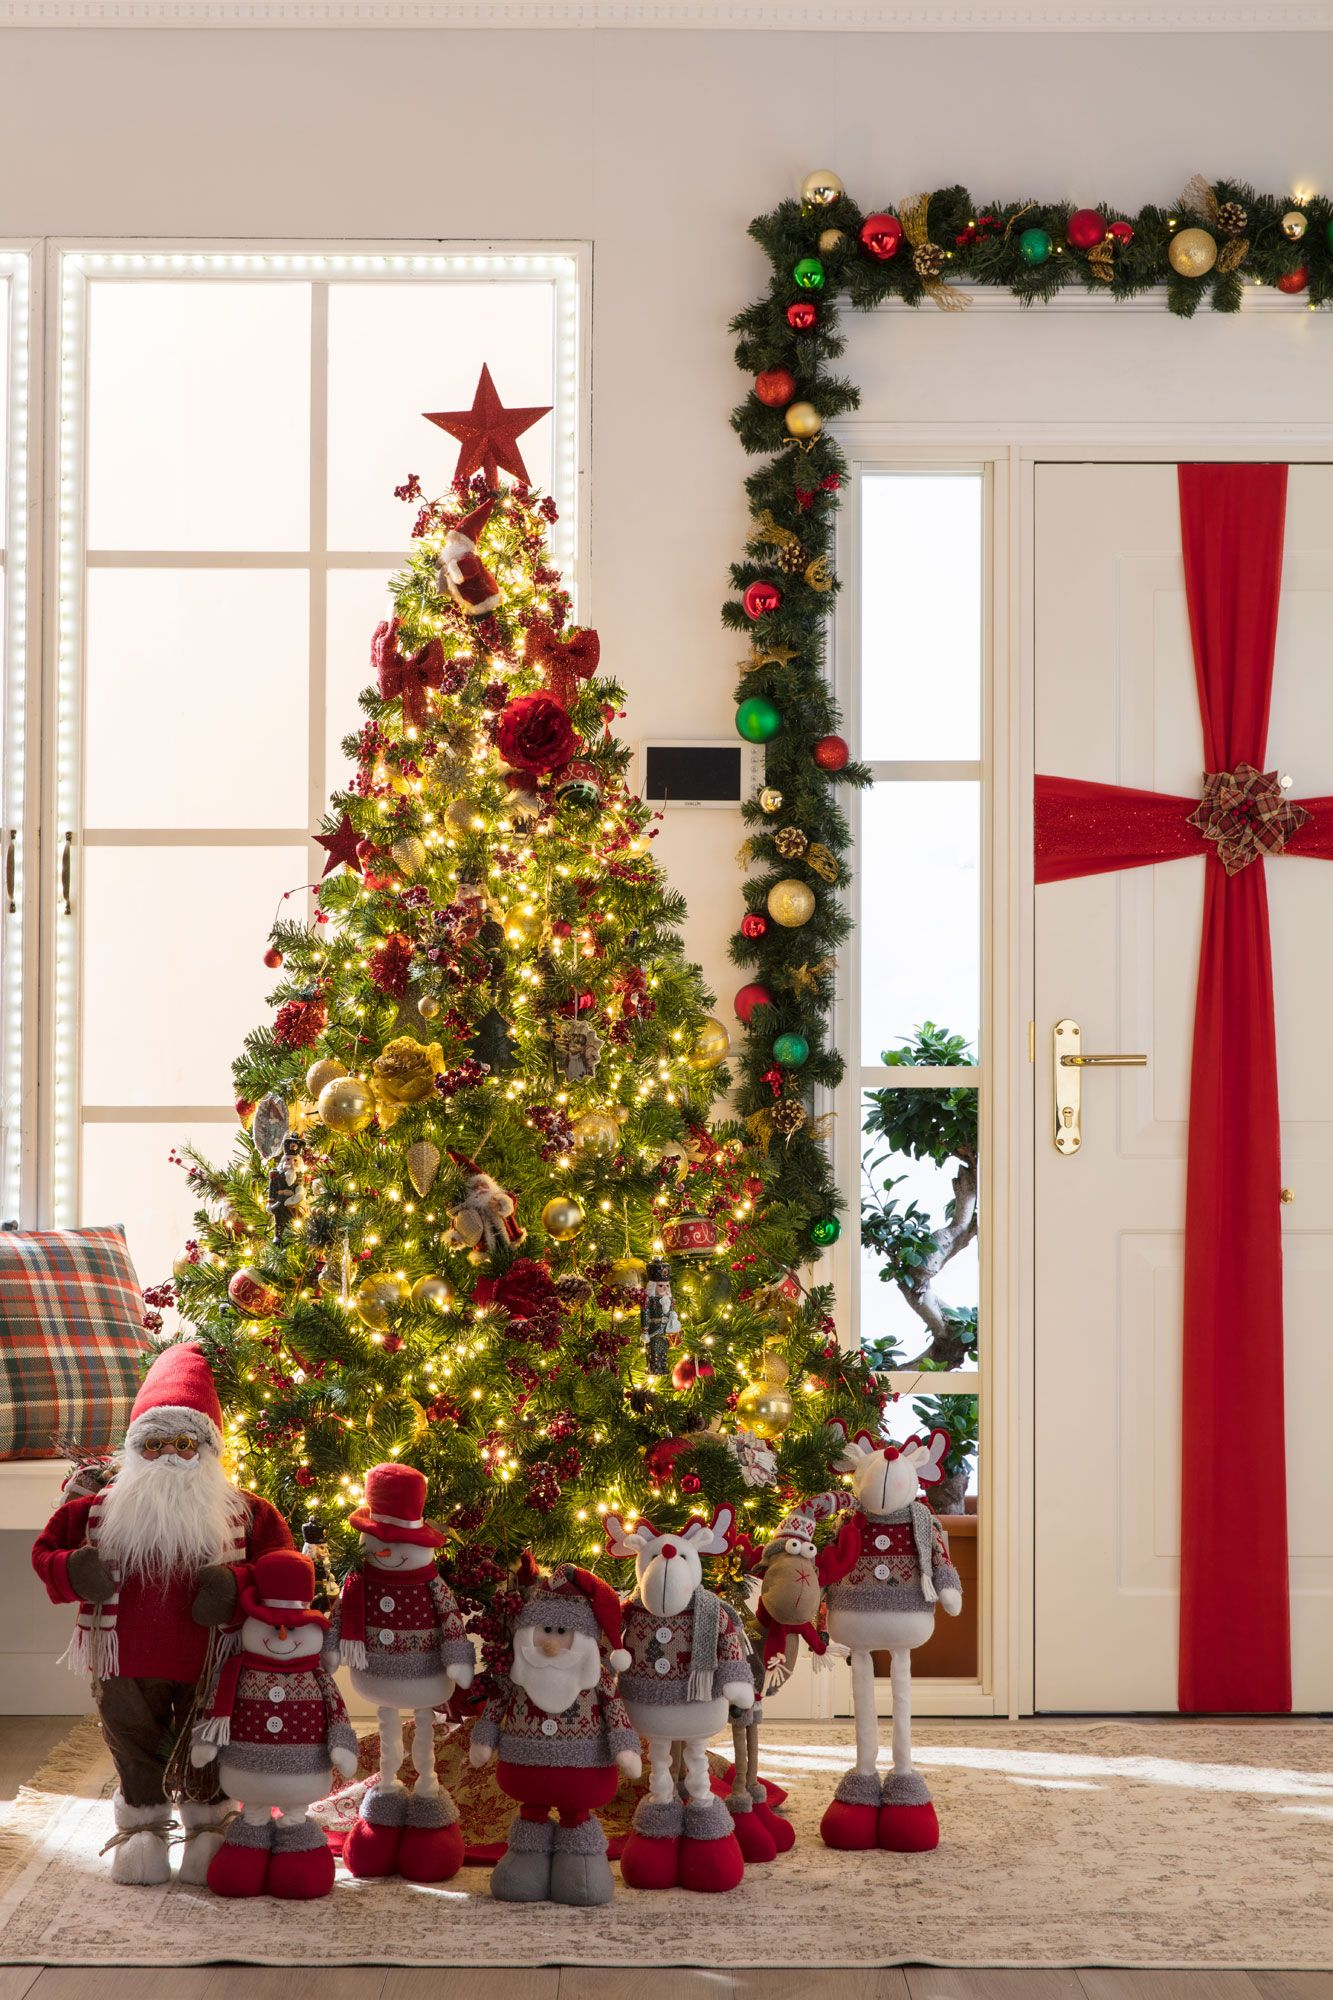 Decoración Navideña Tradicional En Rojo Blanco Y Verde Hogarmania